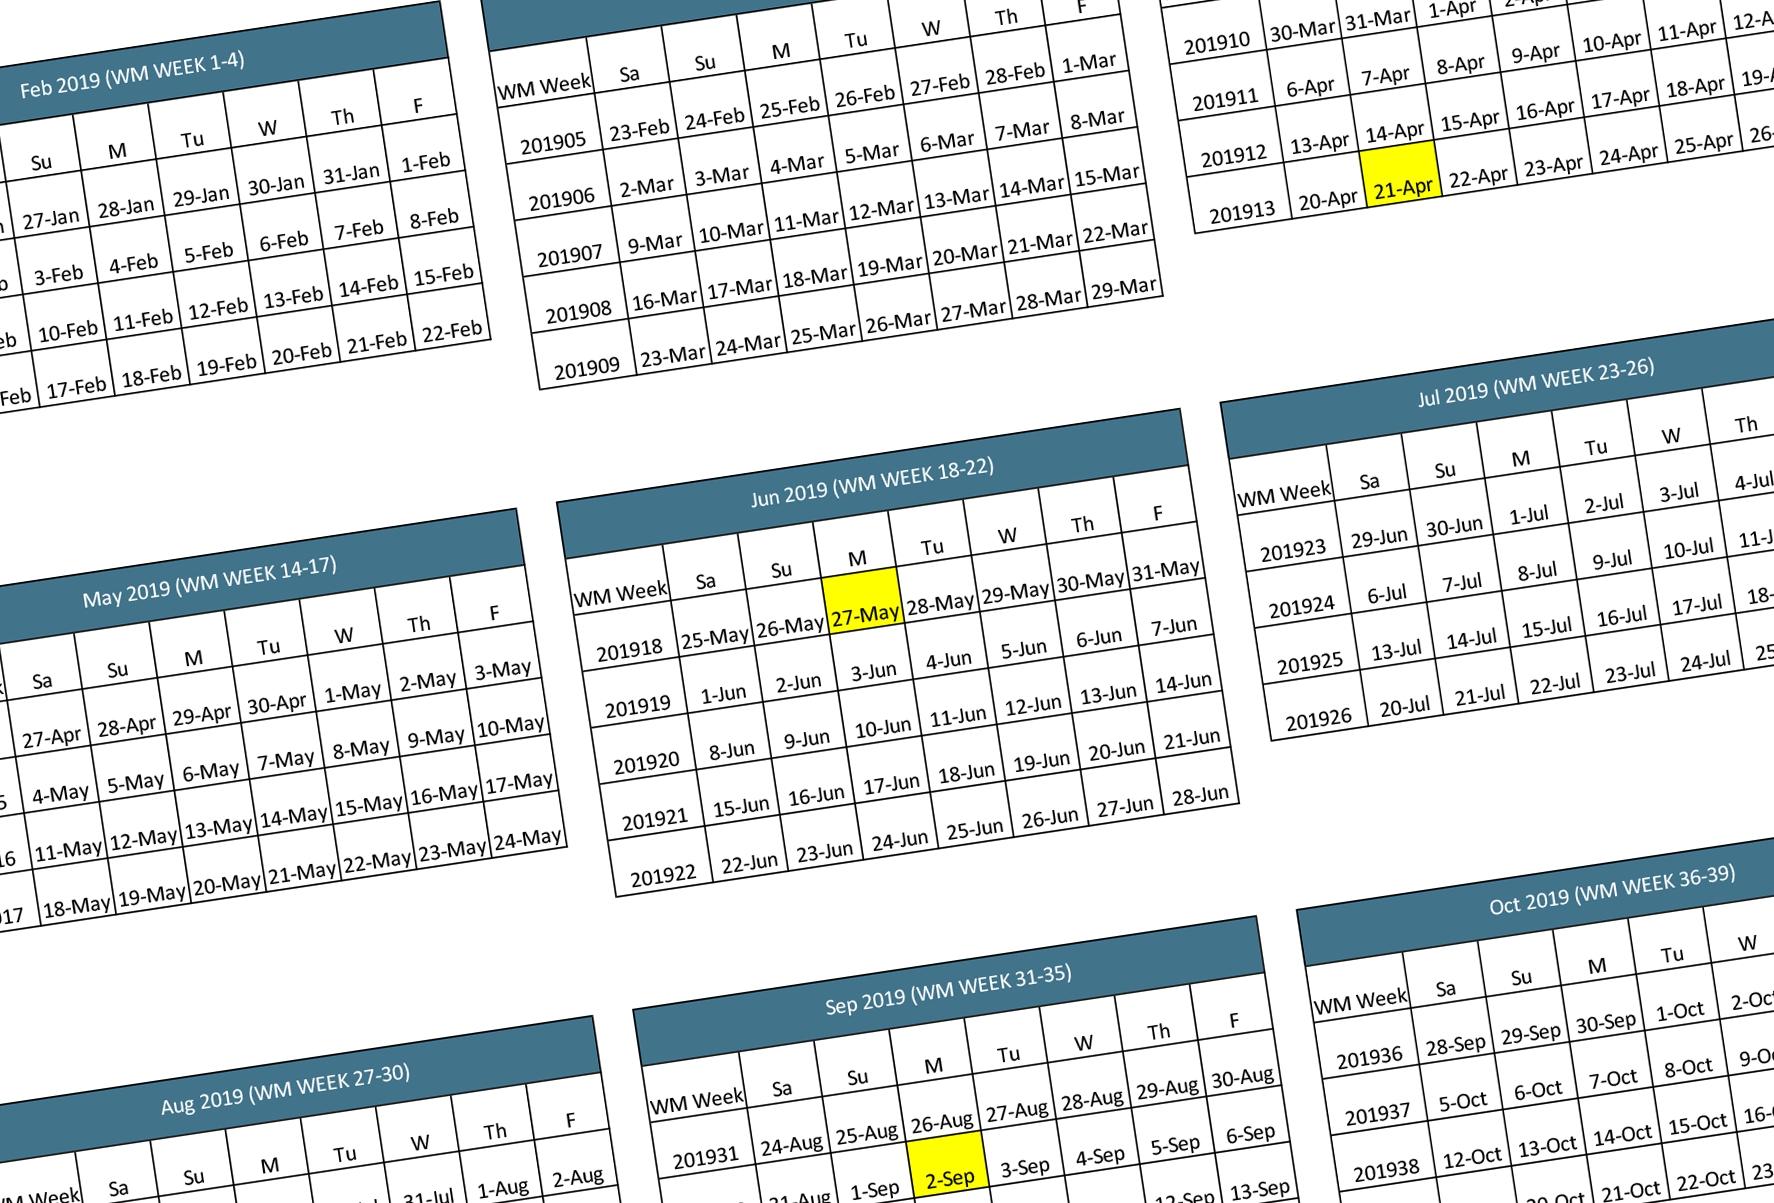 Walmart 2019-2020 Fiscal Calendar   Walmart Supplier News And Resources regarding 4-4-5 Calendar 2020